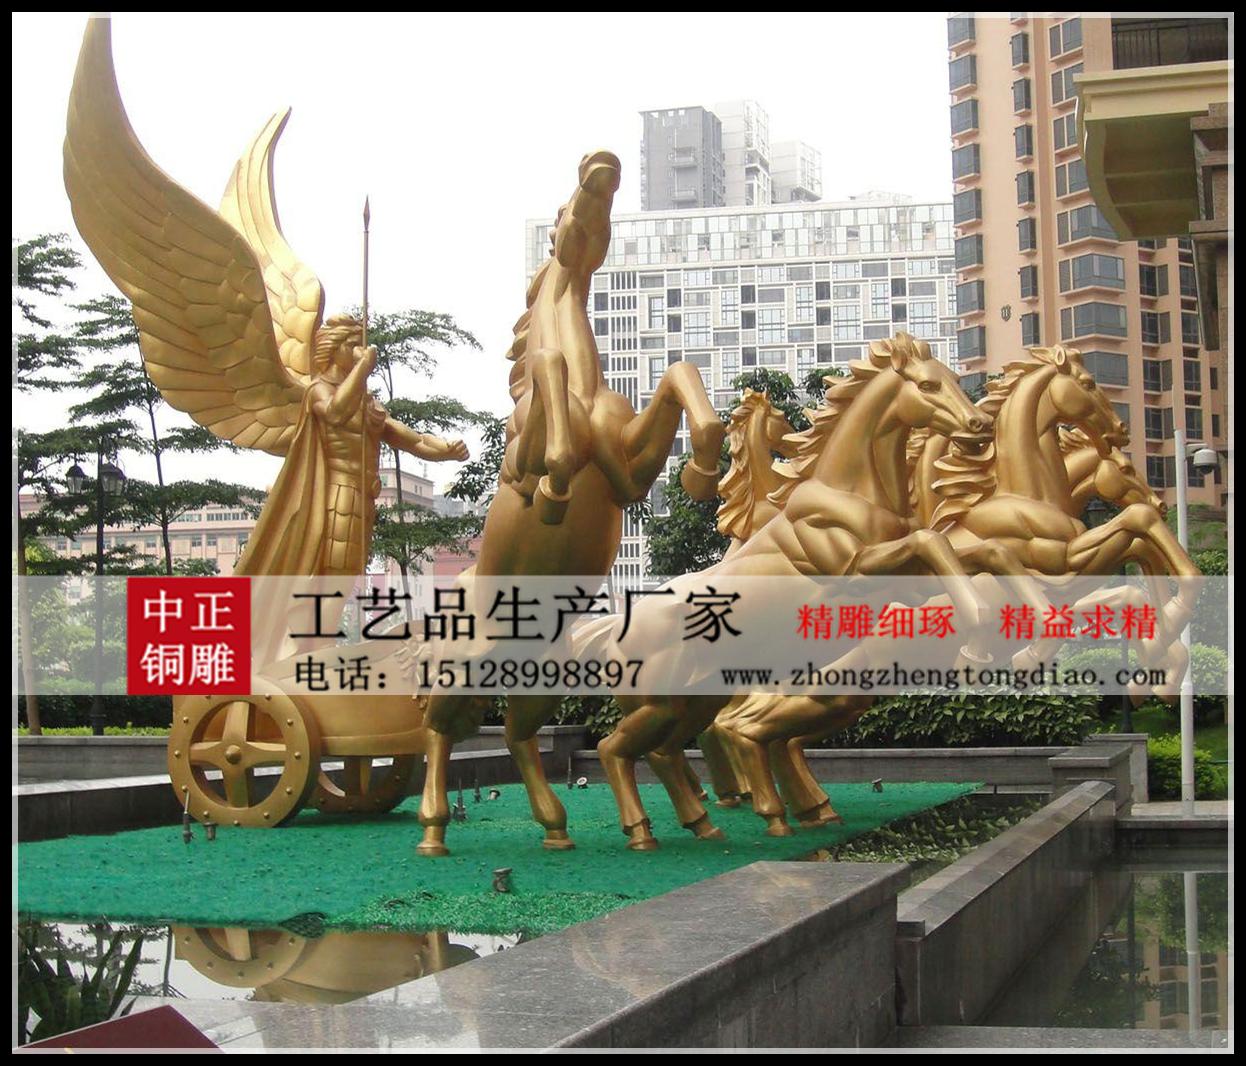 景觀雕塑一般有要求自然景物的形神合一是中國文化的精髓所在